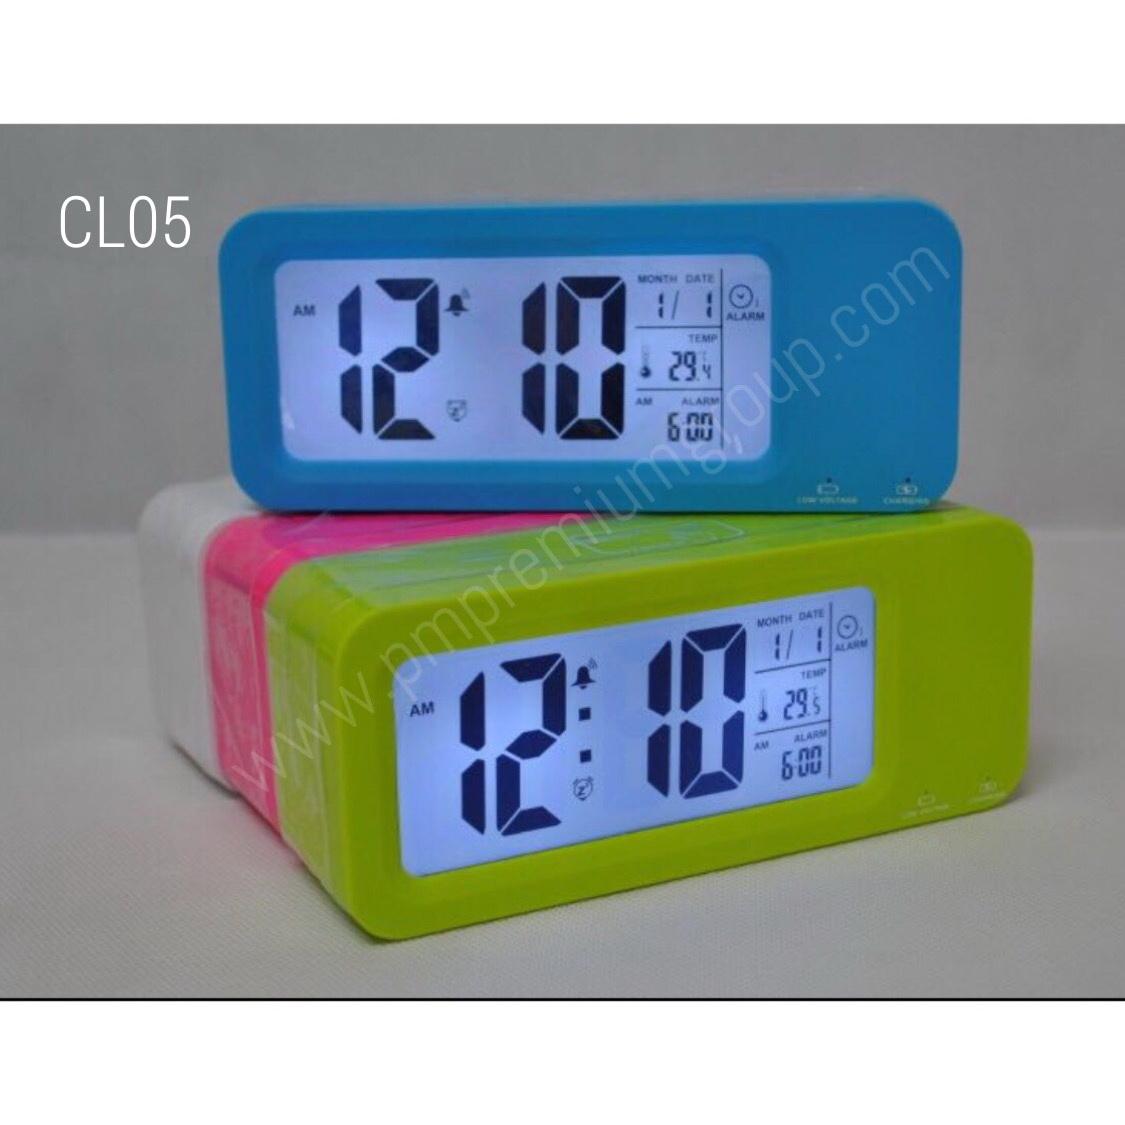 นาฬิกาดิจิตอล CL05